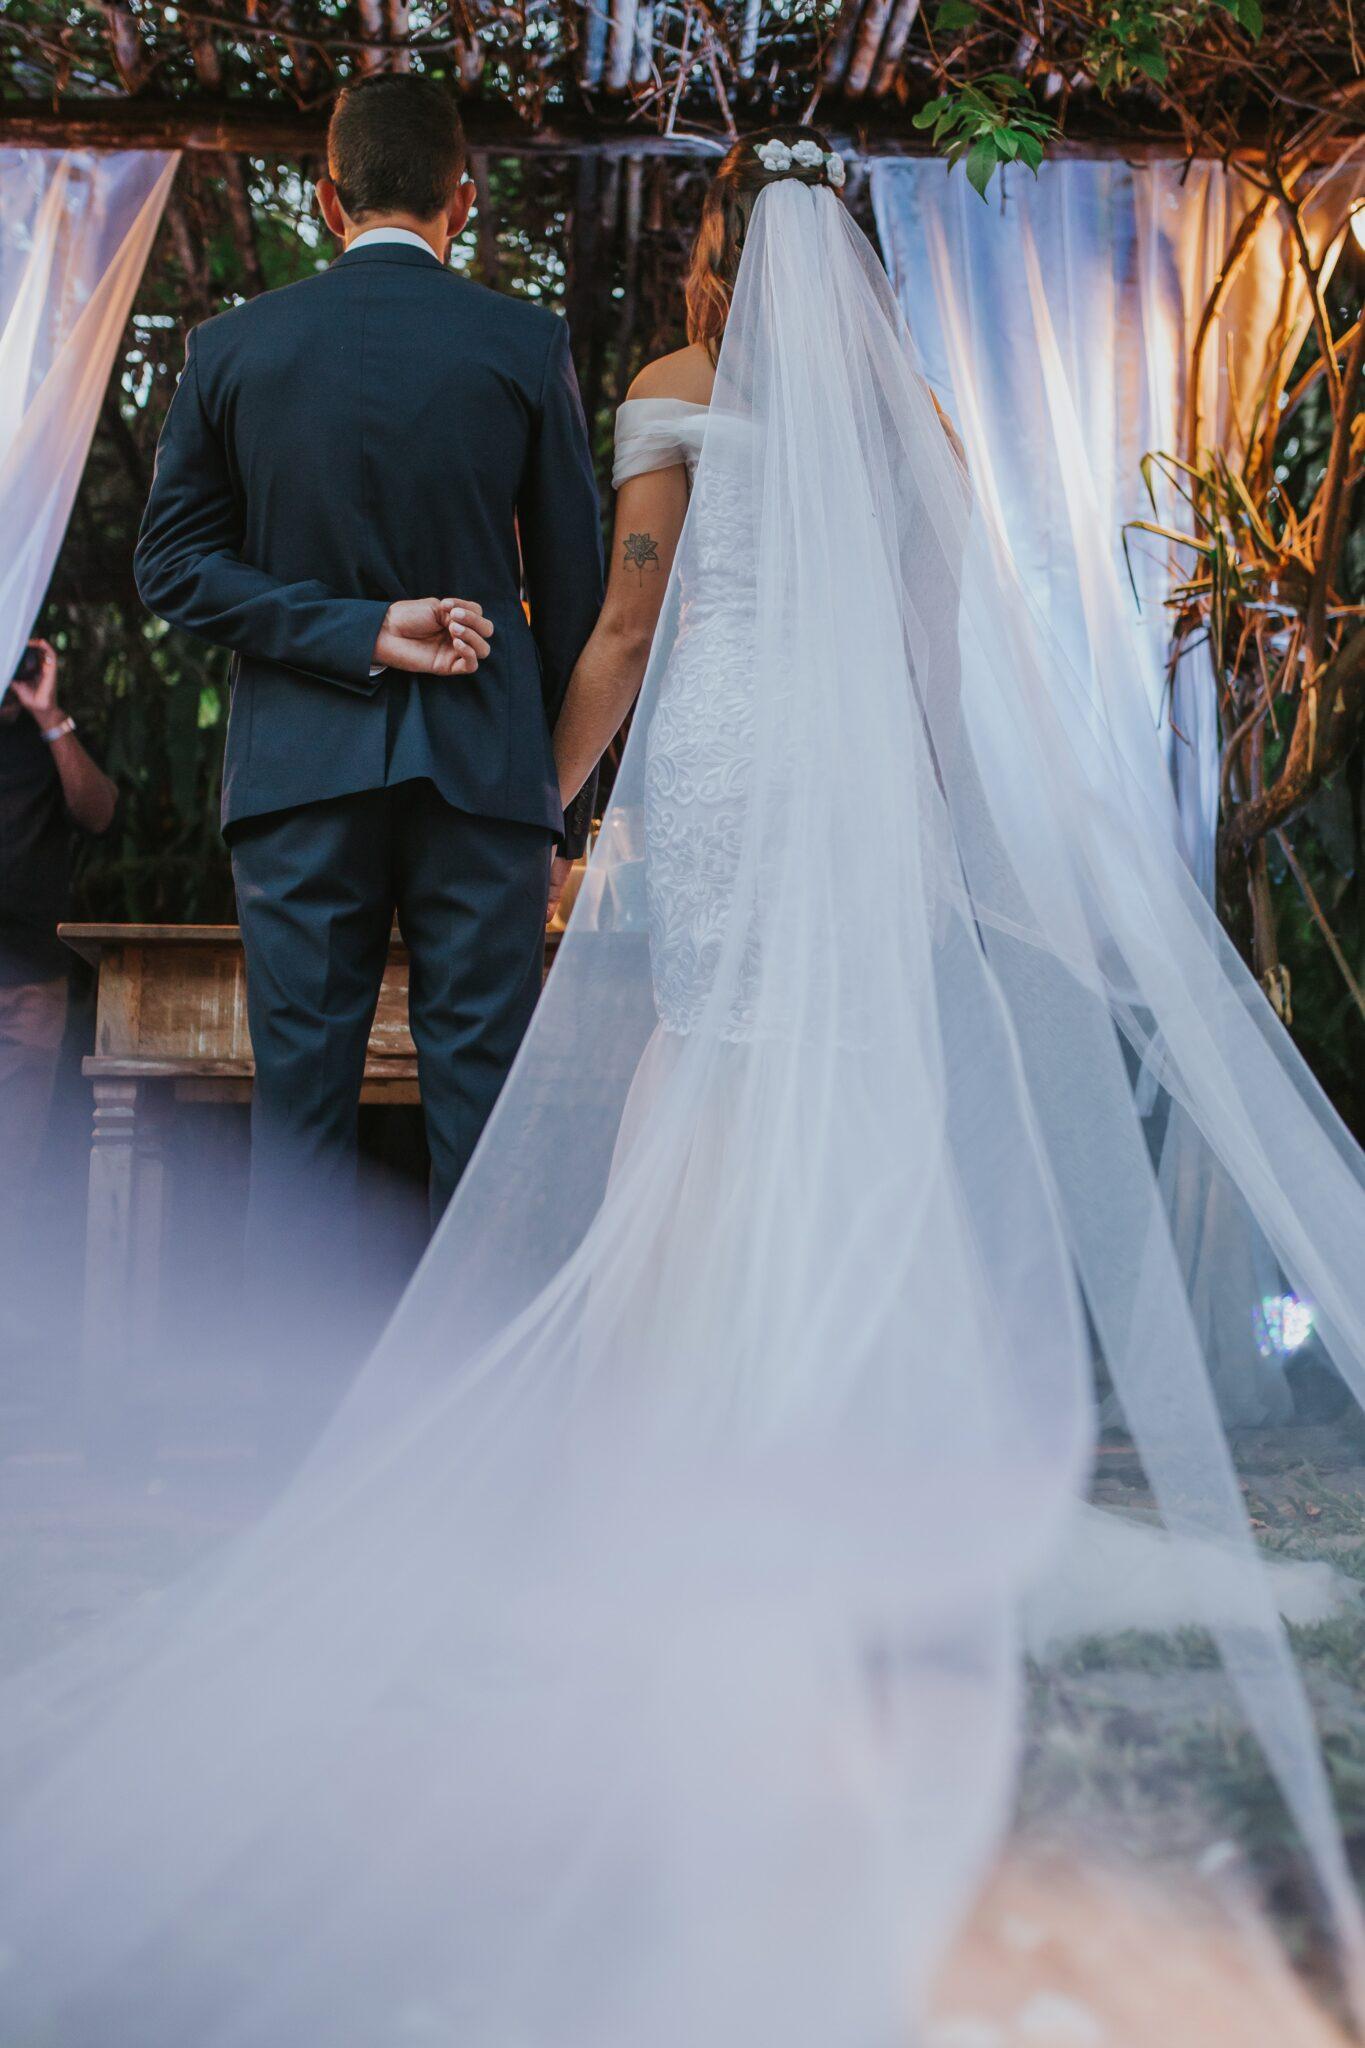 Wedding Night Must Haves